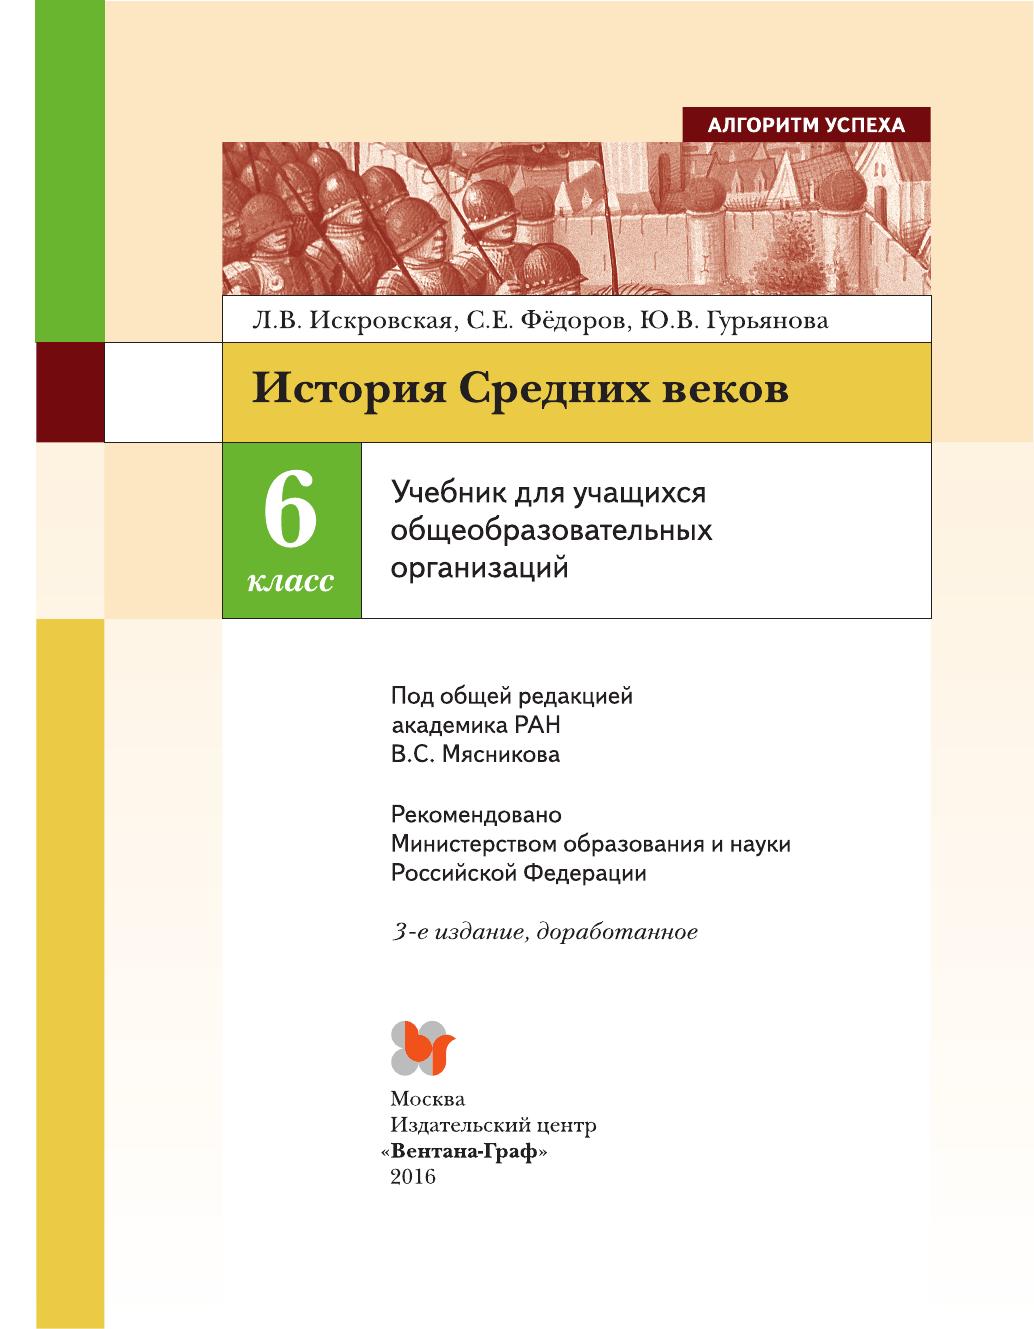 гдз истории 6 класс история средних веков искровская